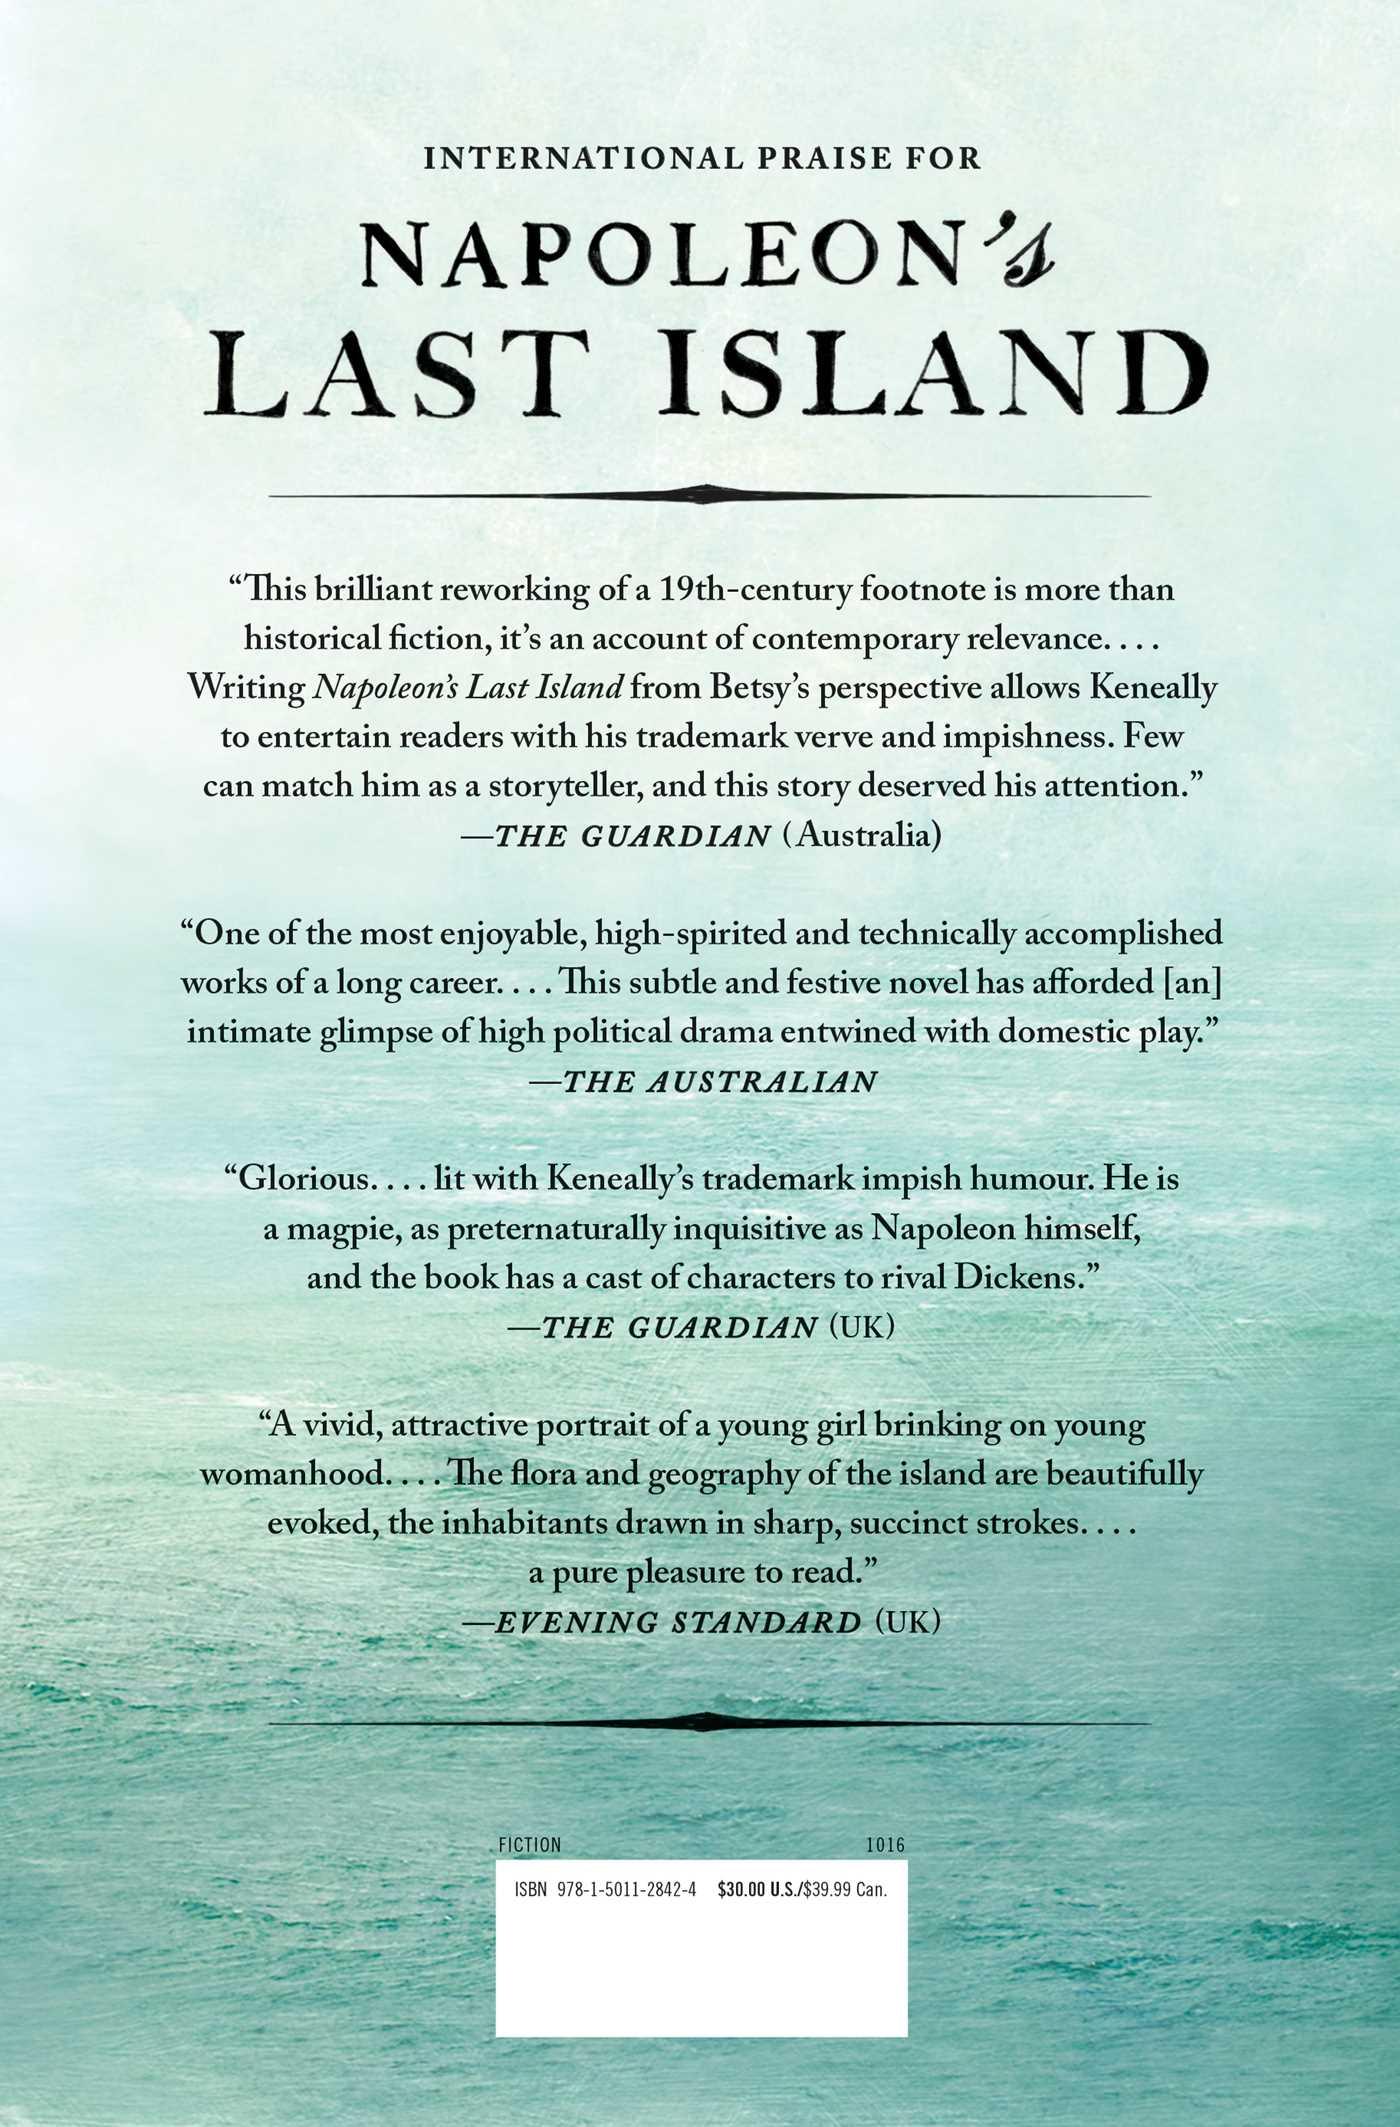 Napoleons last island 9781501128424 hr back